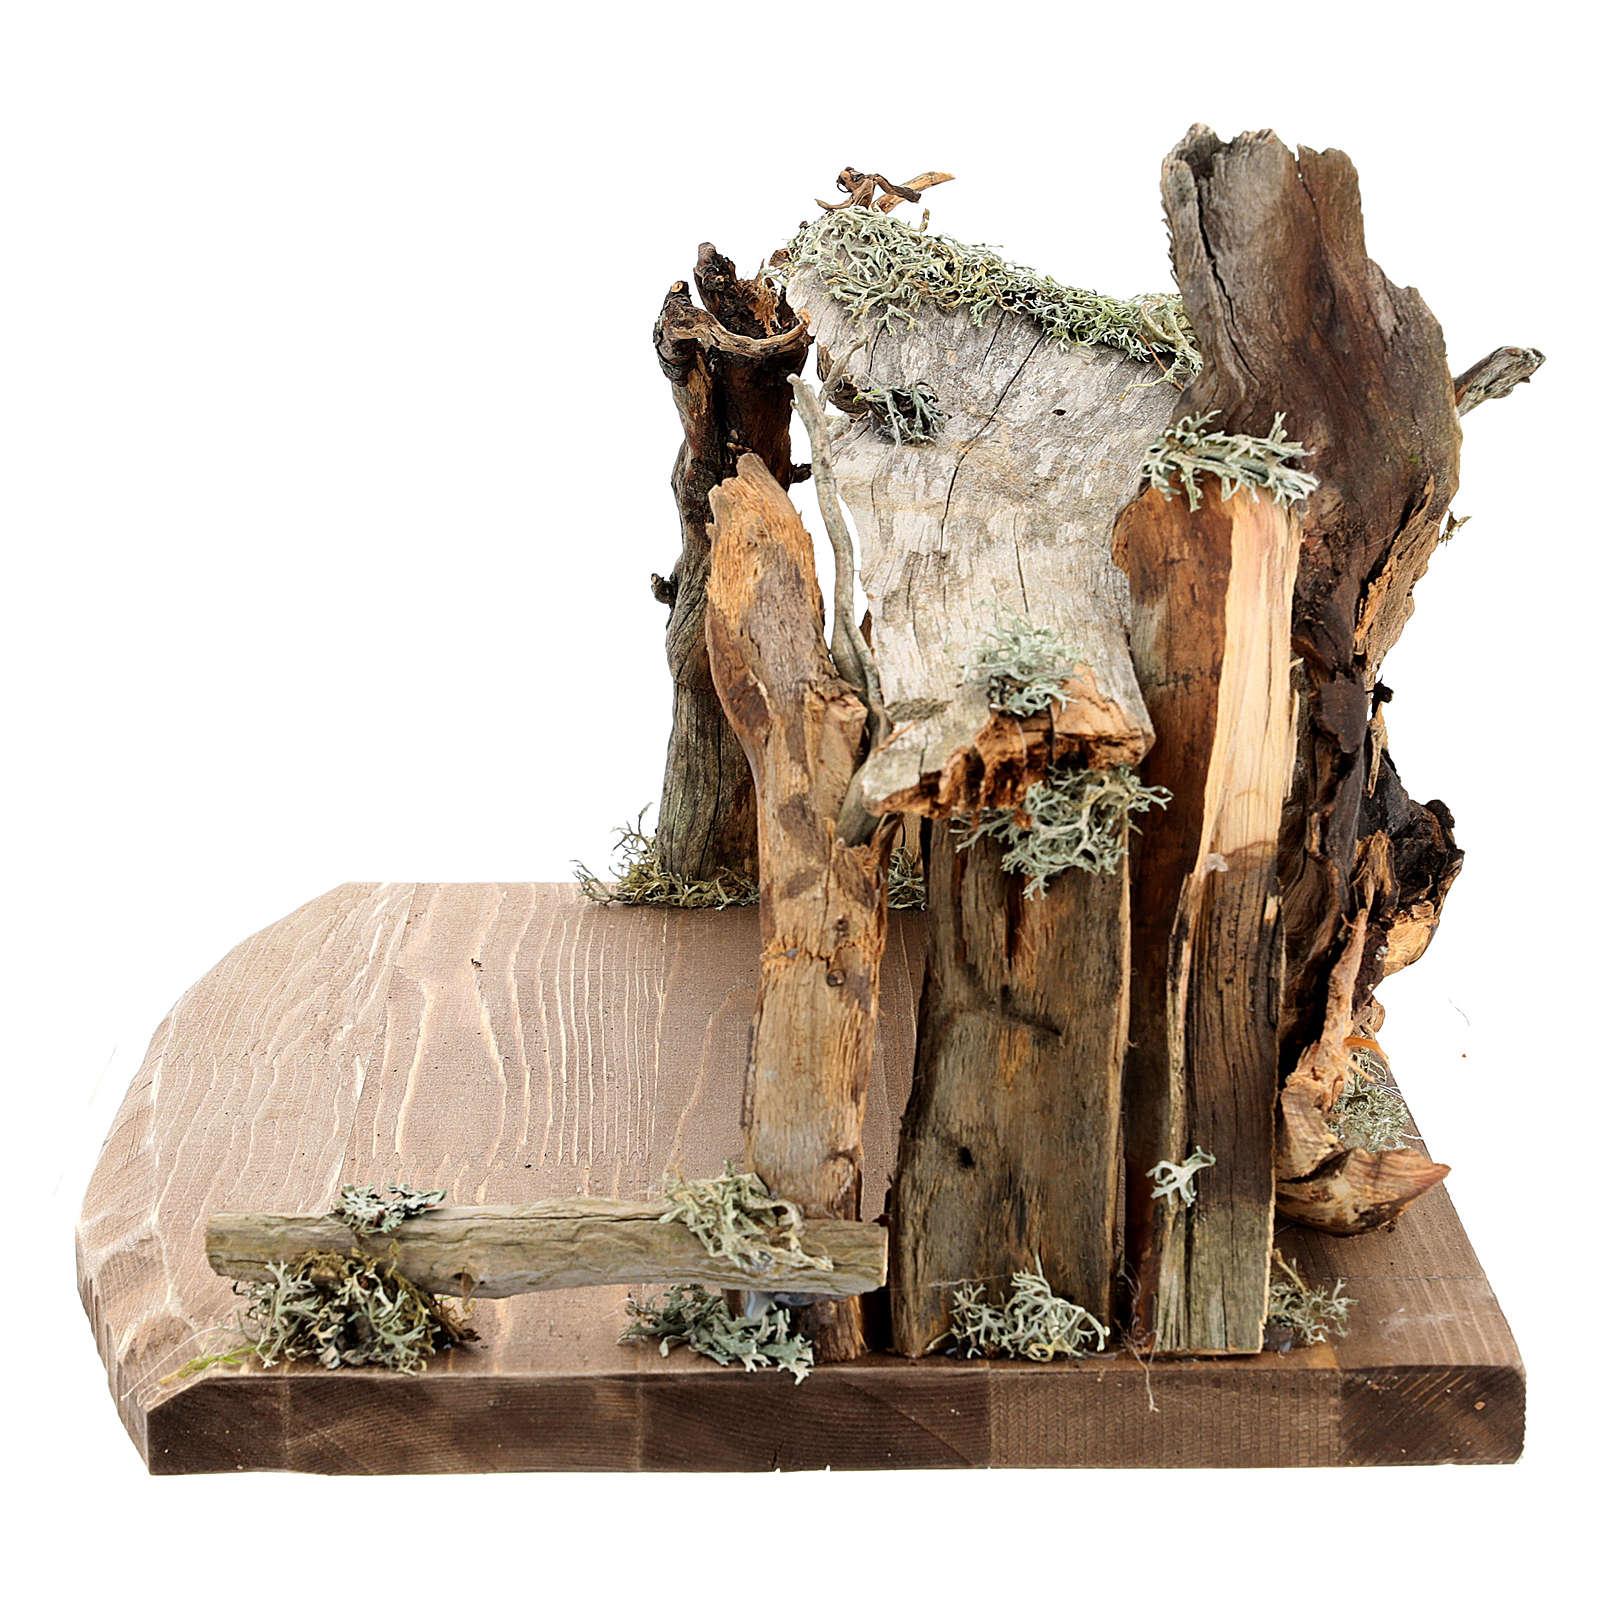 Stajenka kora duża zestaw 12 elementów drewno malowane szopka Rainell 11 cm 4